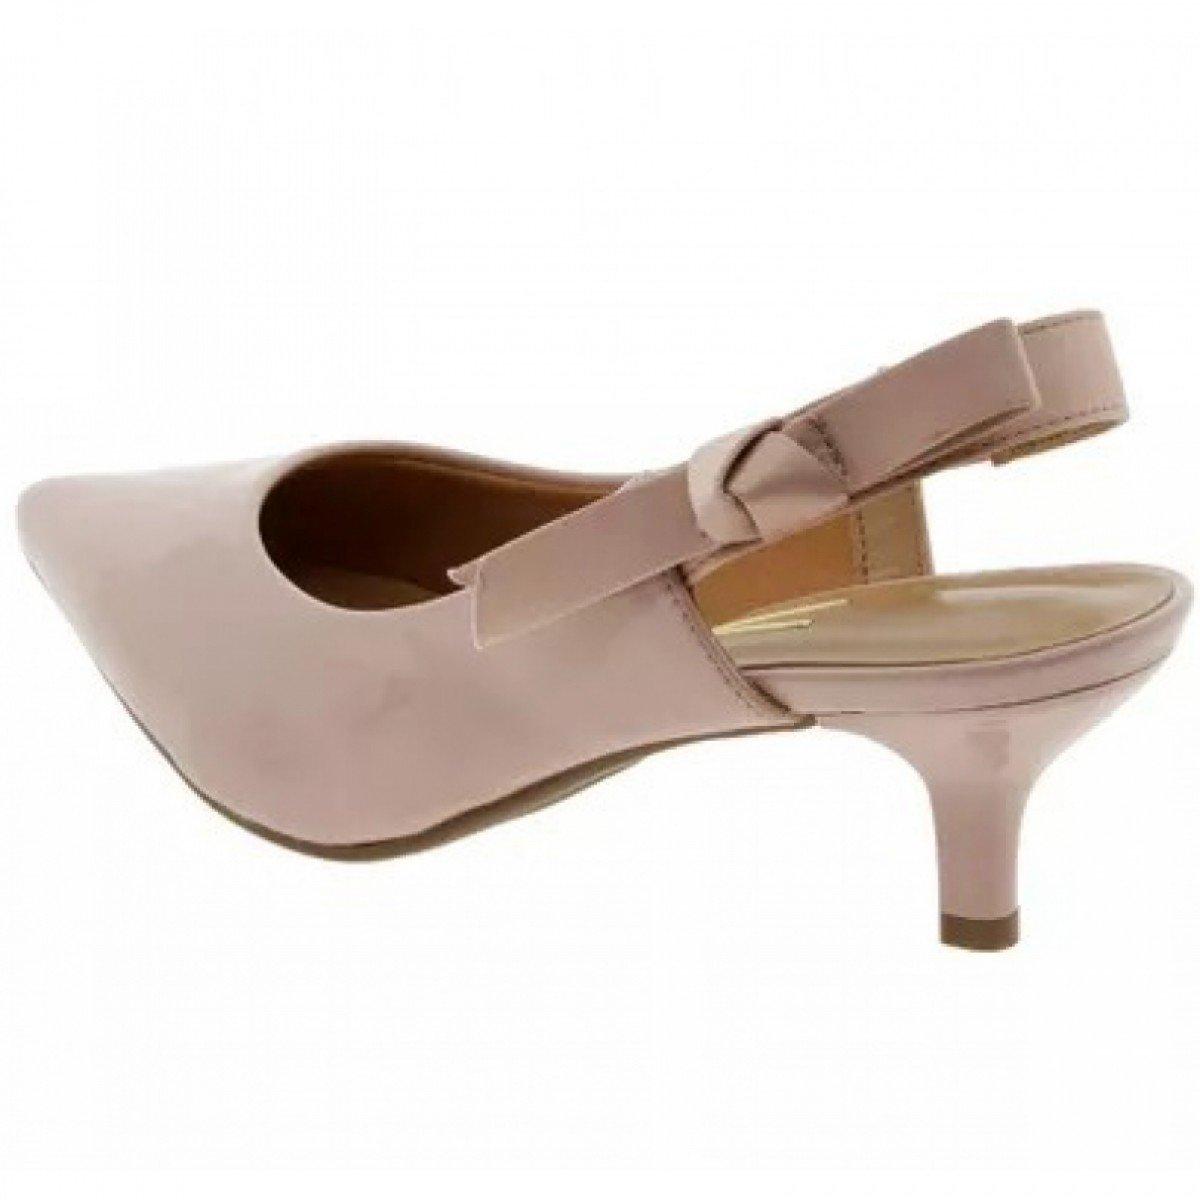 e13d43fadc Sapato Feminino Vizzano Scarpin Chanel Verniz Rosa - Compre Agora ...